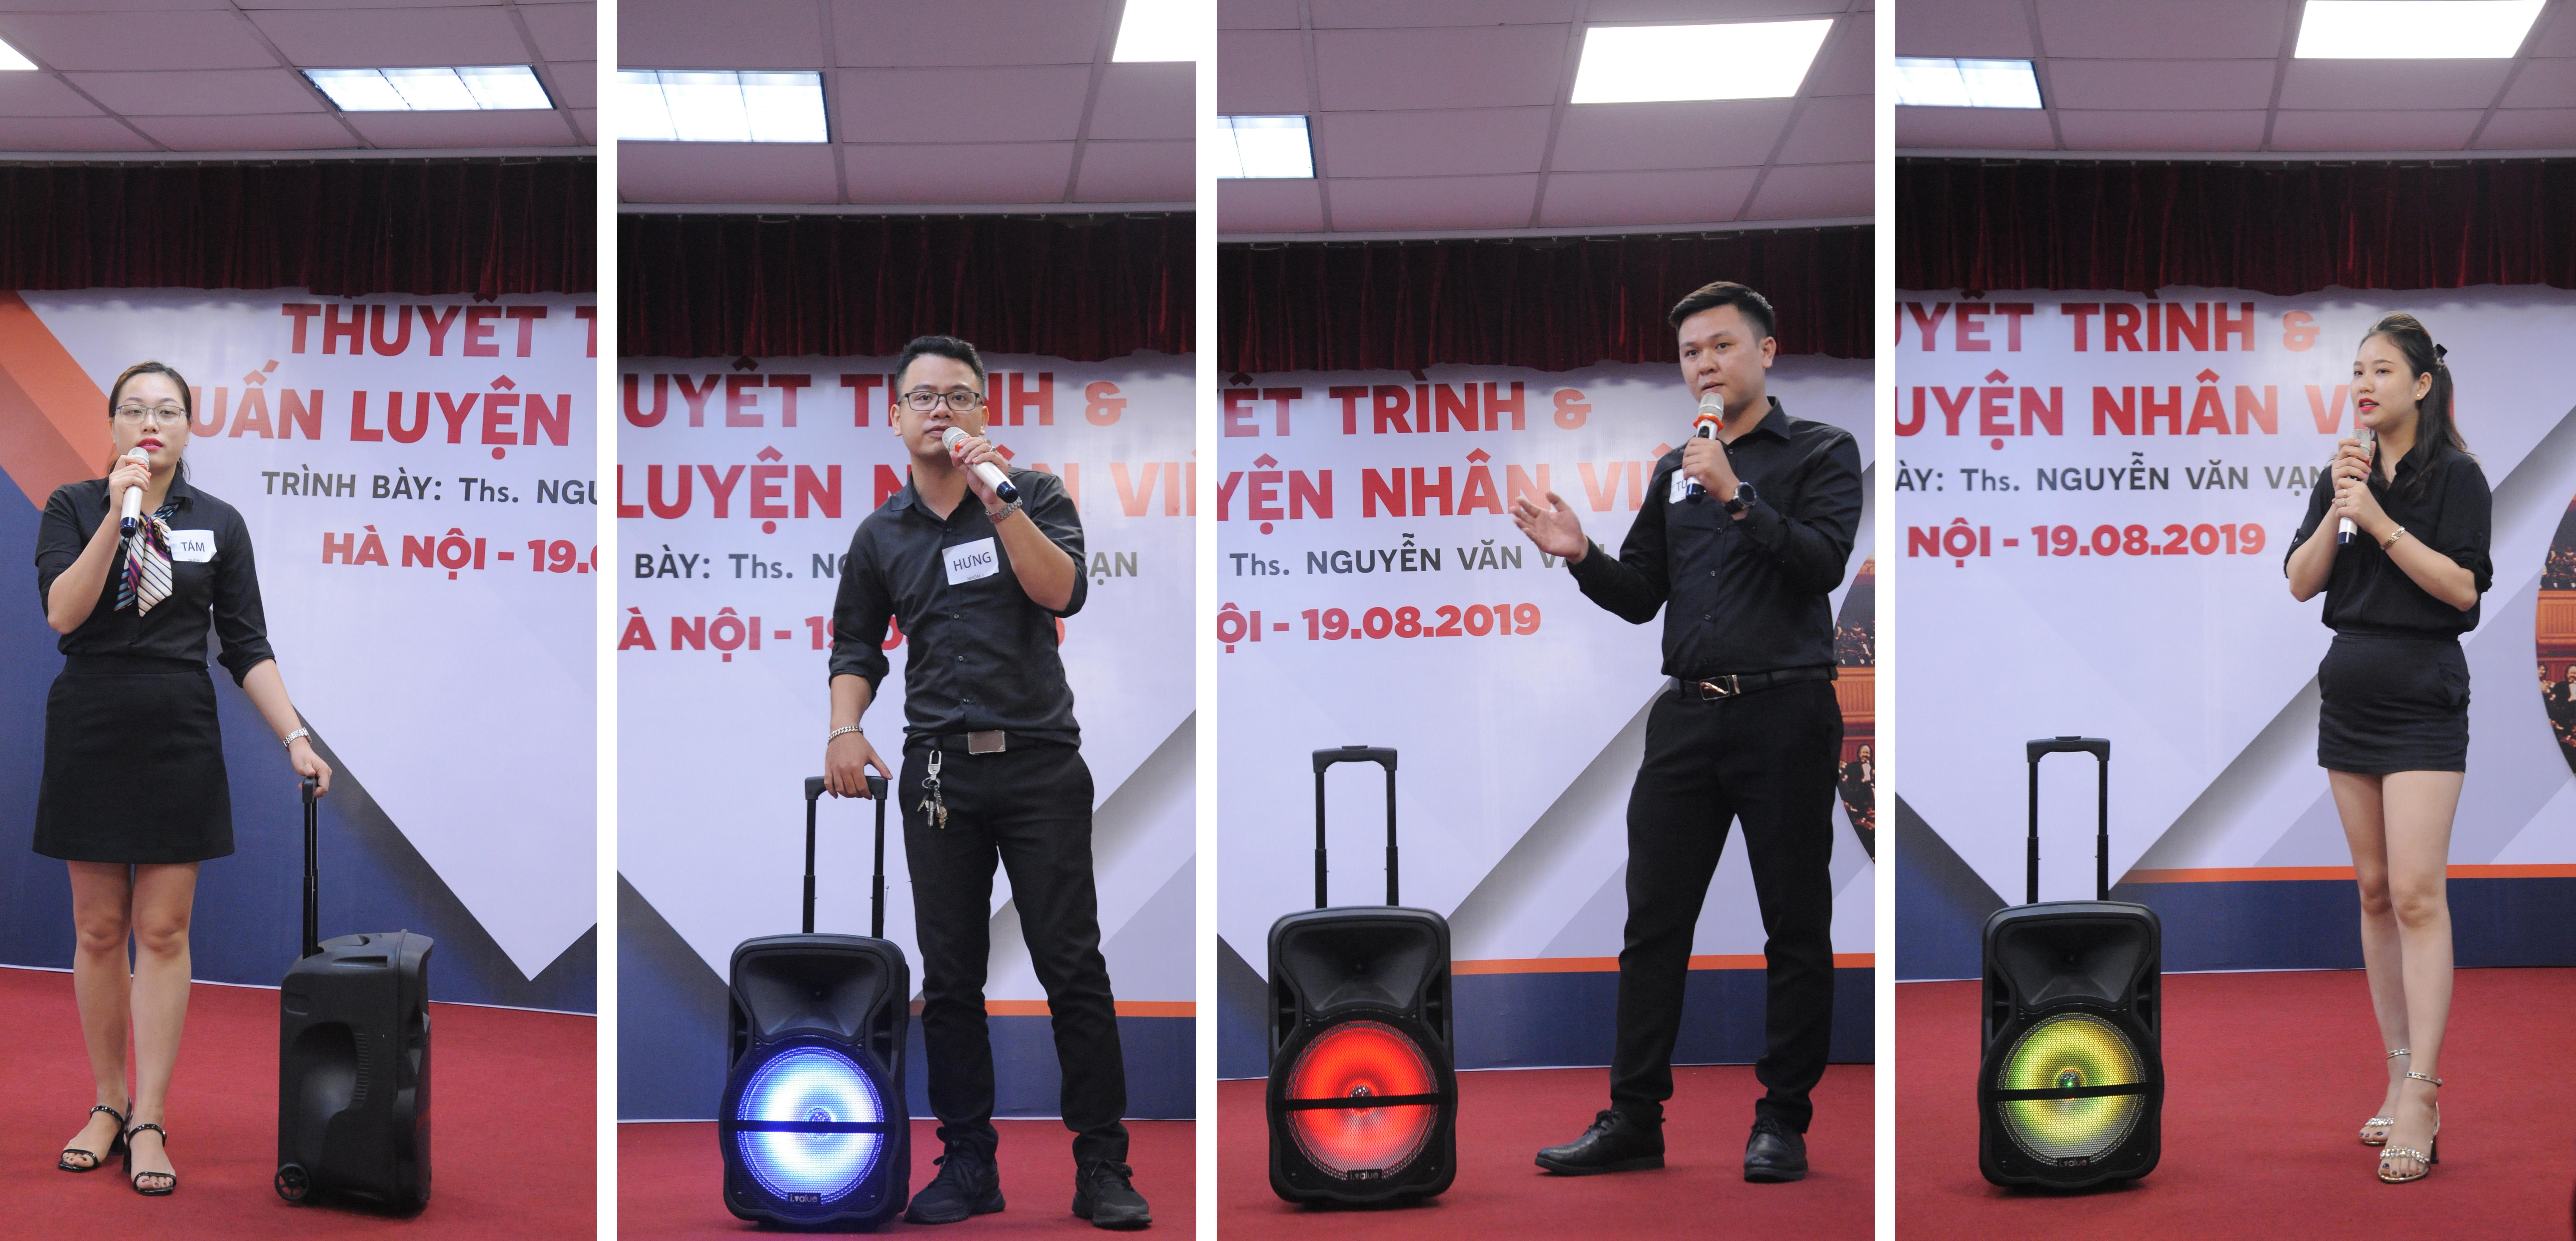 Học viên thực hành kỹ năng thuyết trình qua phần trải nghiệm giới thiệu về loa lluetooth Karaoke i.value (sản phẩm hiện là một trong những phụ kiện được ưa chuộng nhất tại FPT Shop).